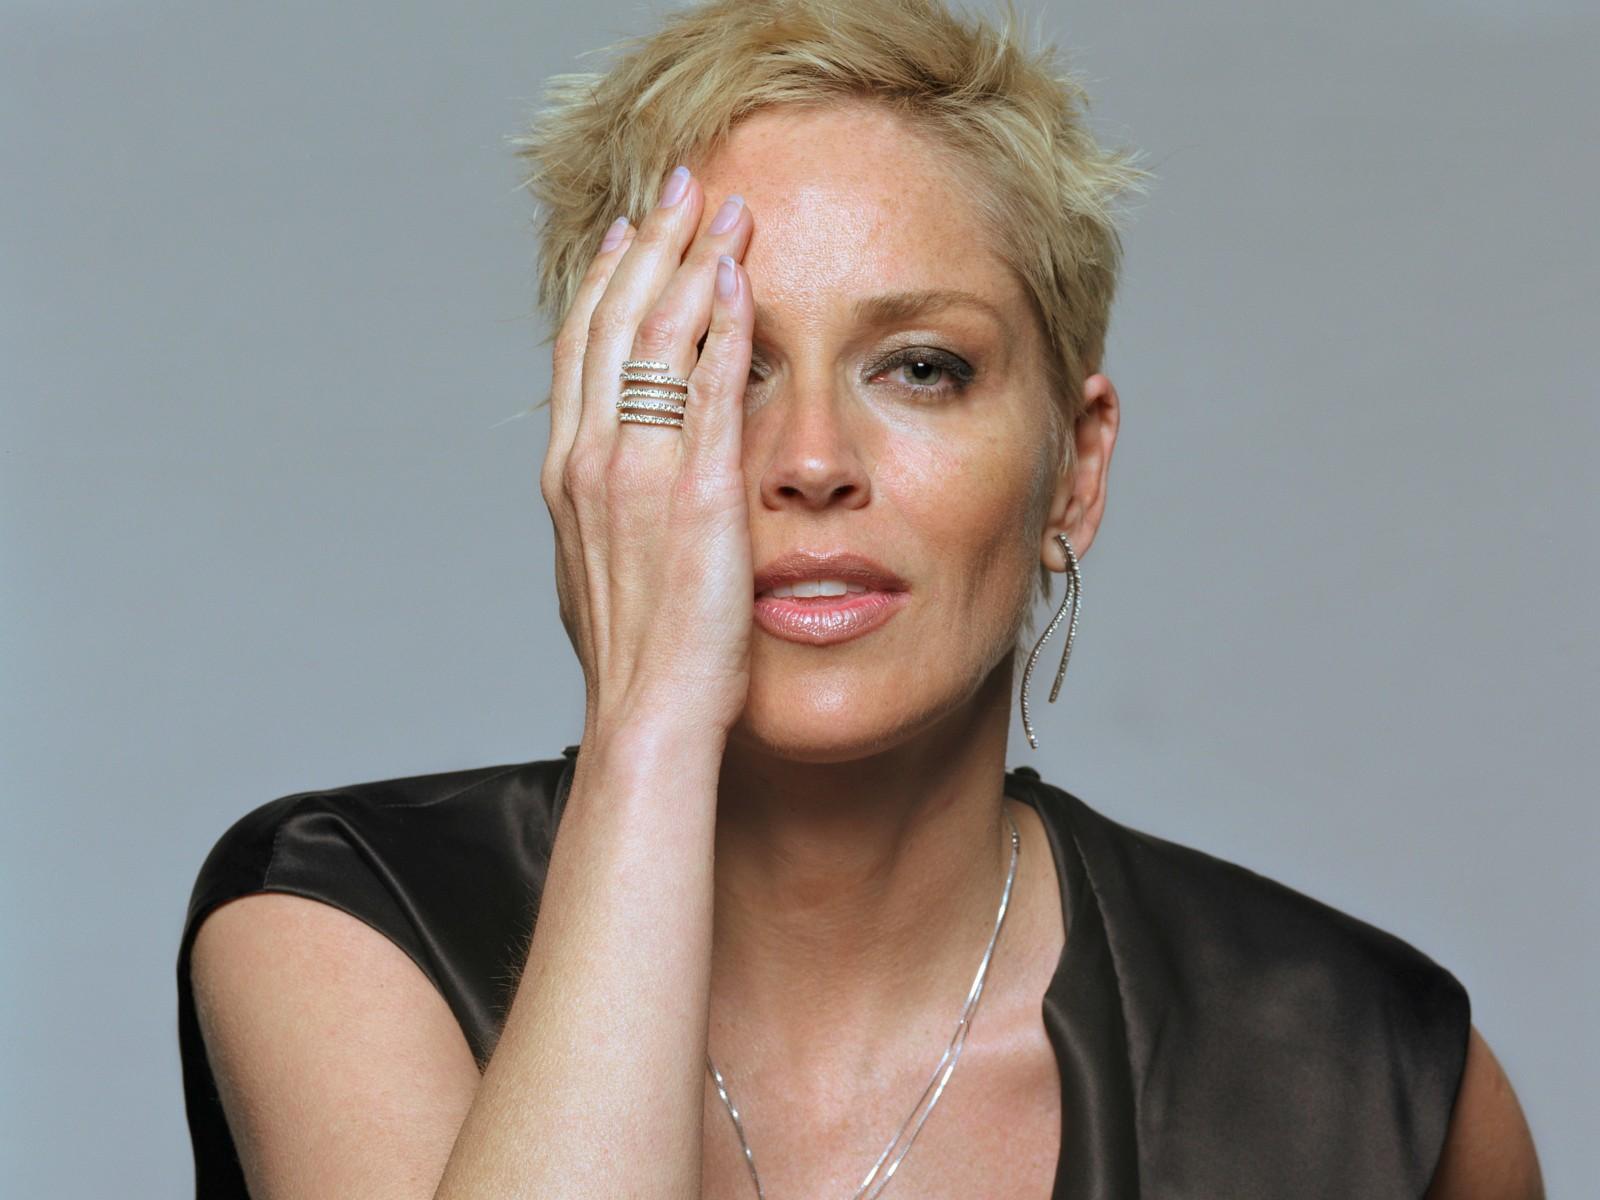 Шэрон Стоун (Sharon Stone) - фото №3